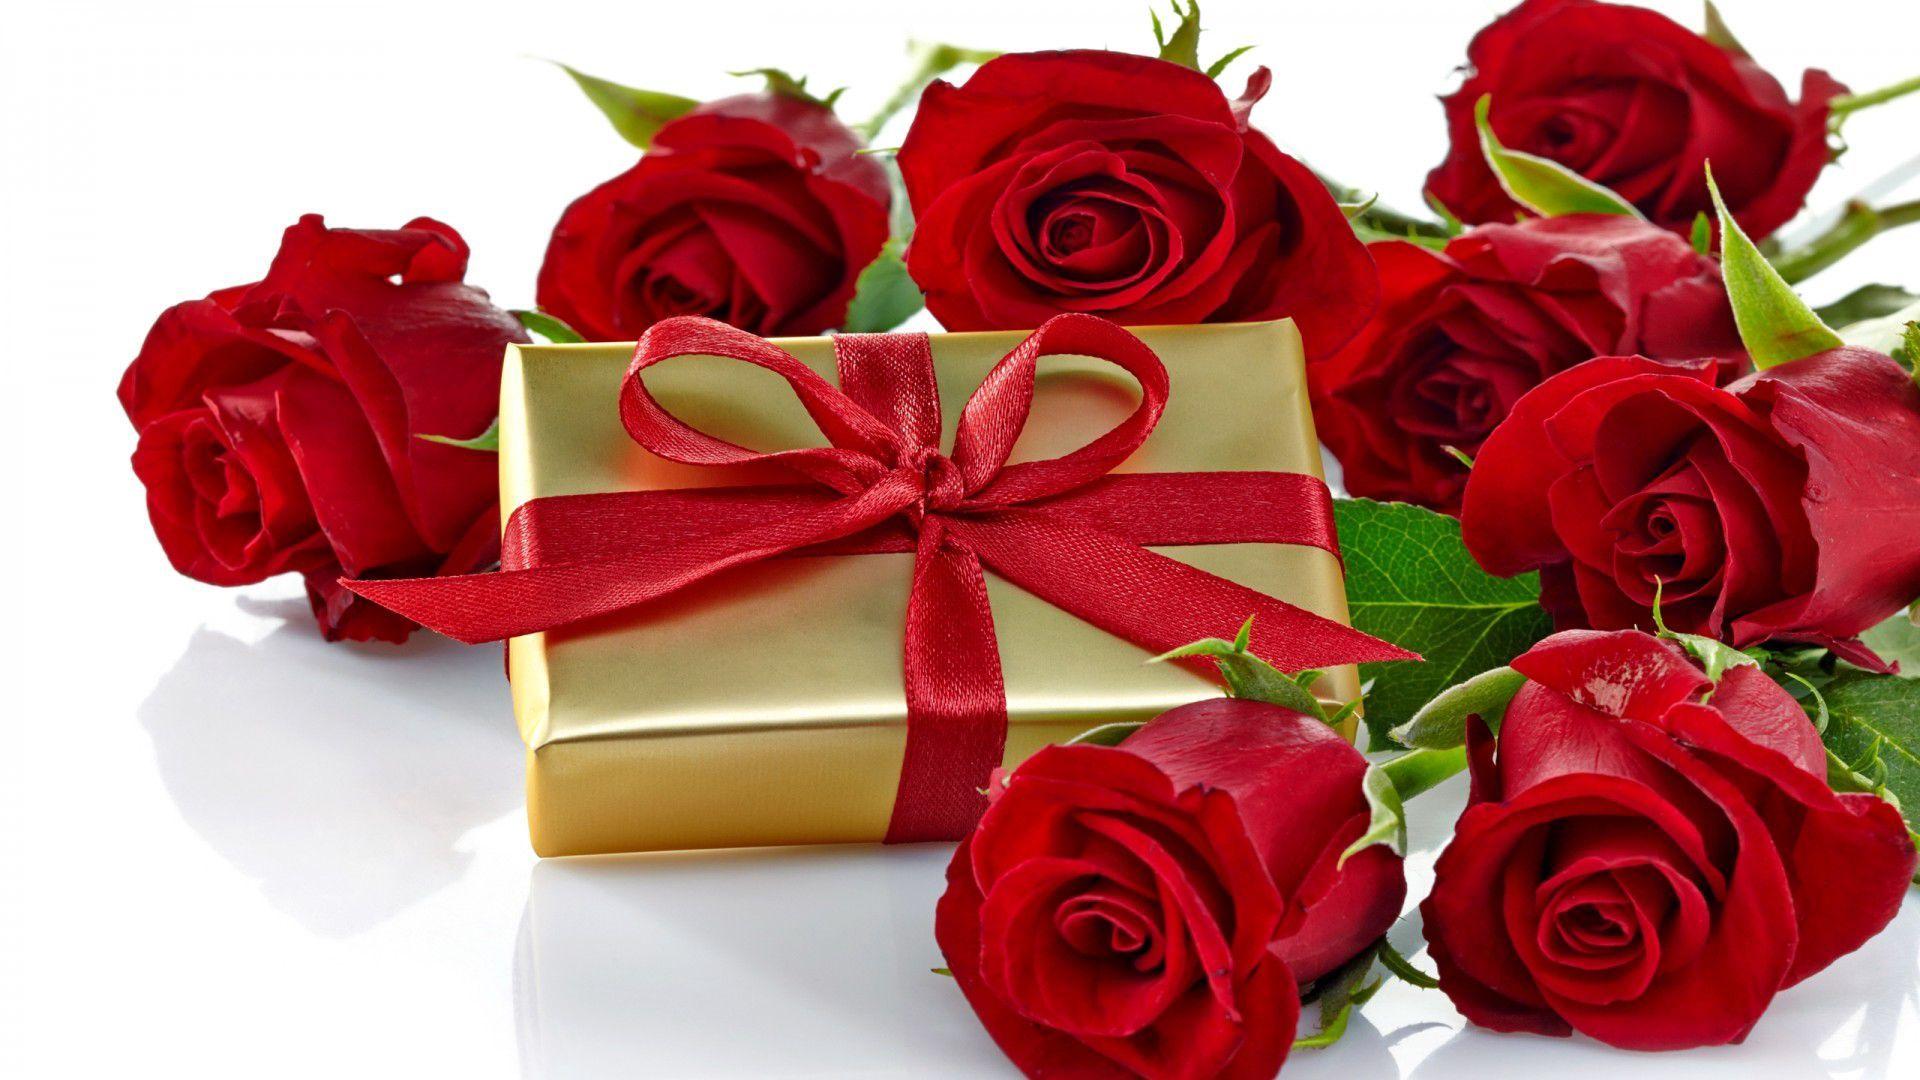 Поздравление на день рождения женщине с подарками